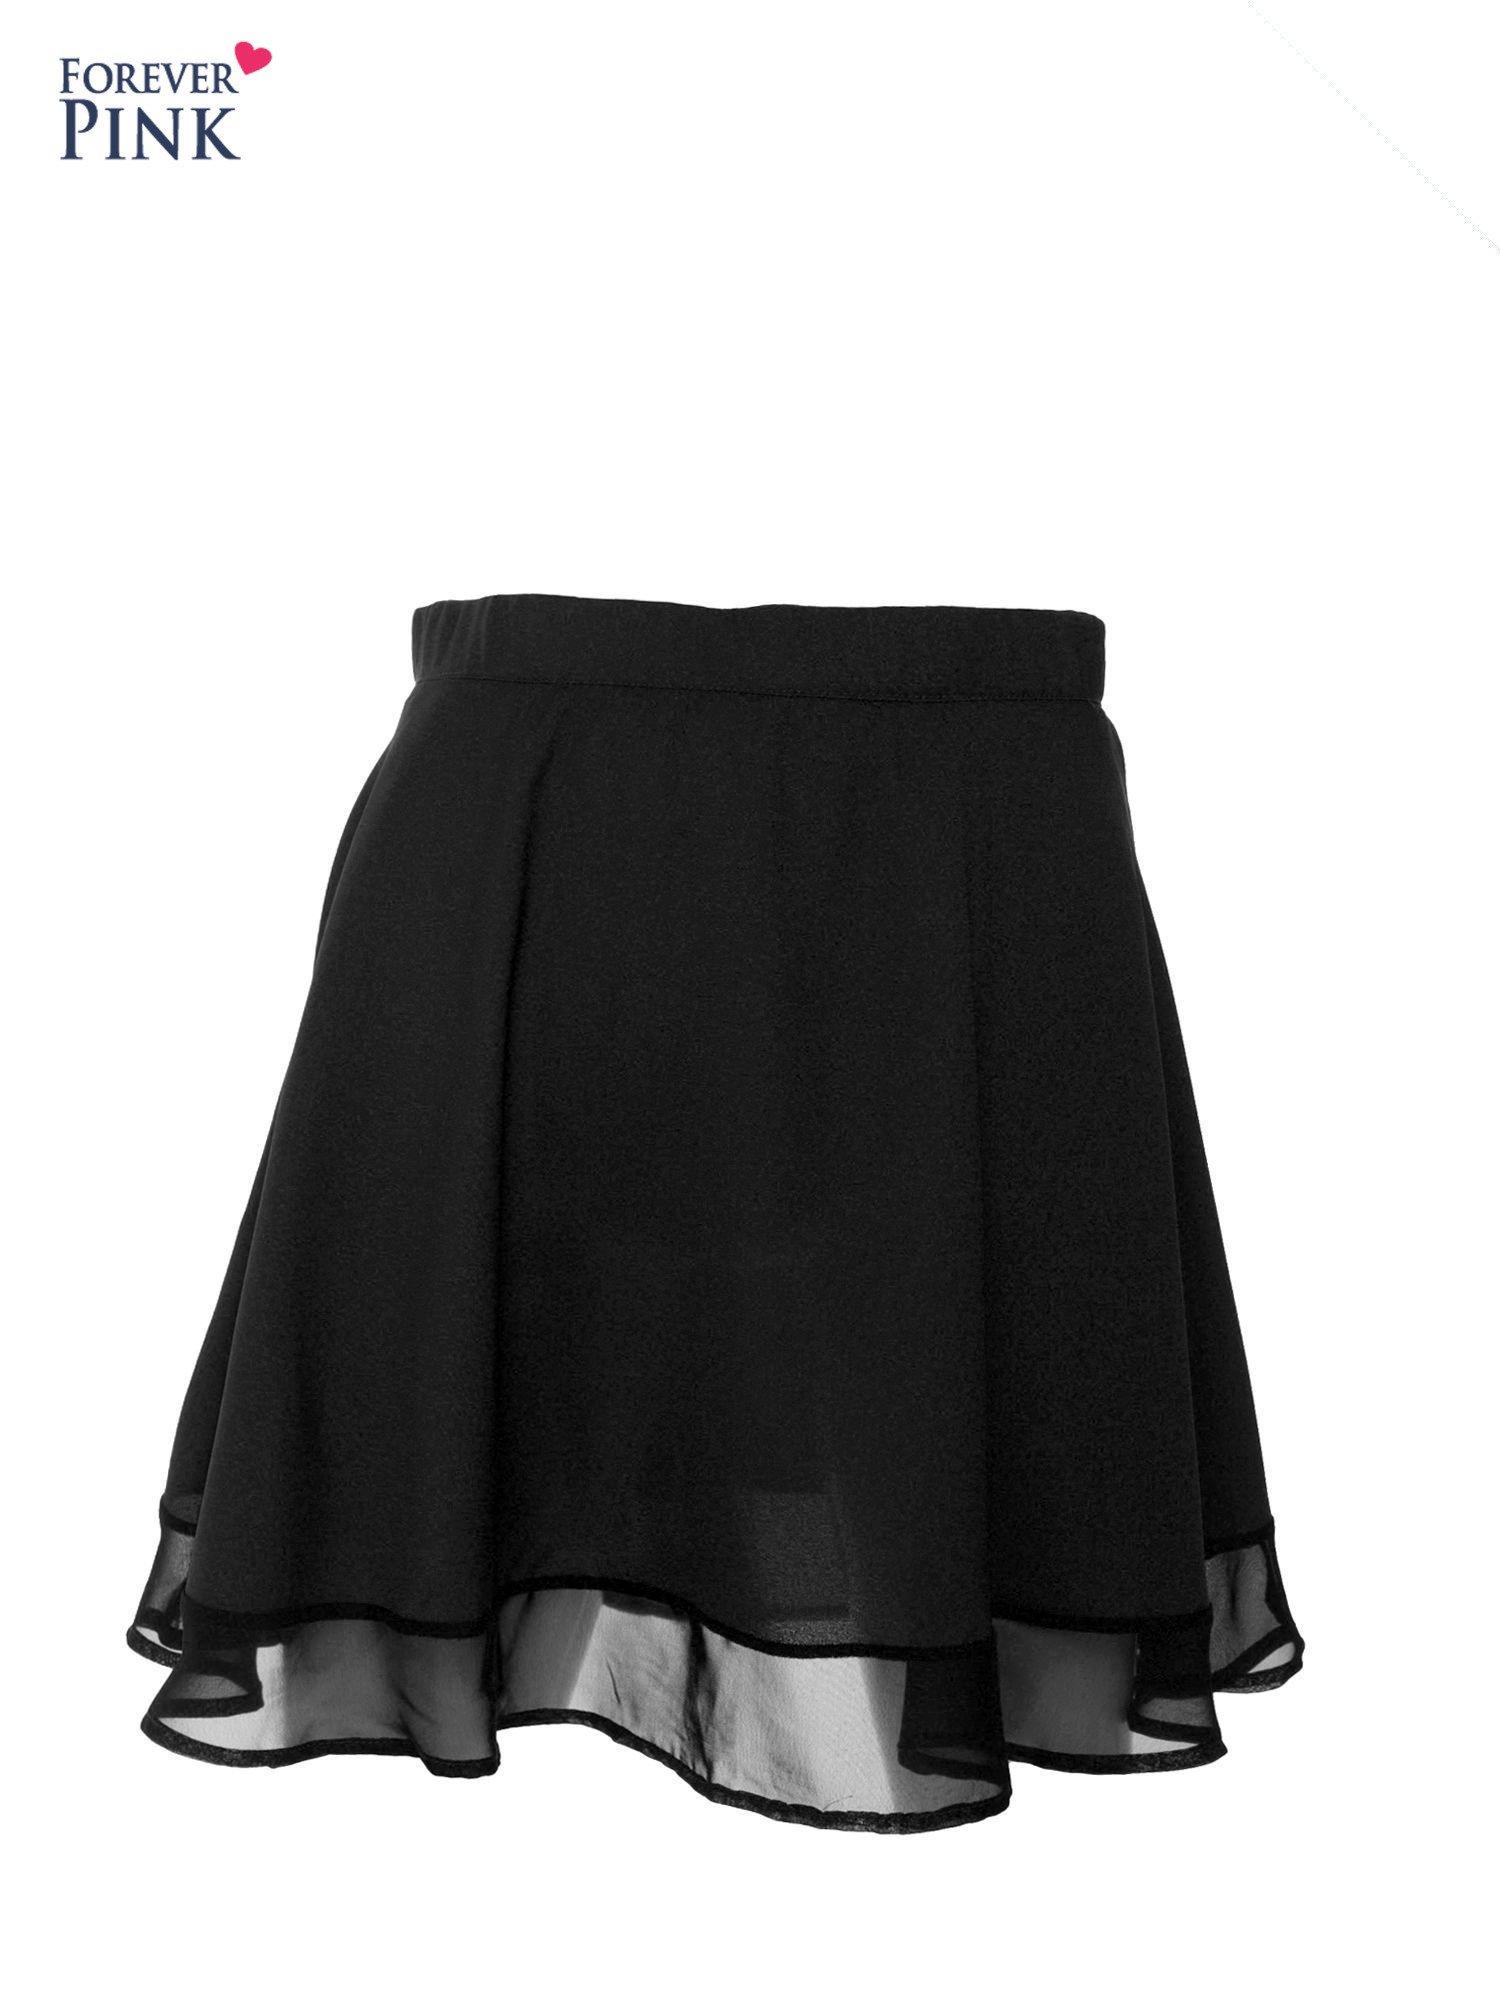 Czarna spódnica mgiełka                                  zdj.                                  1